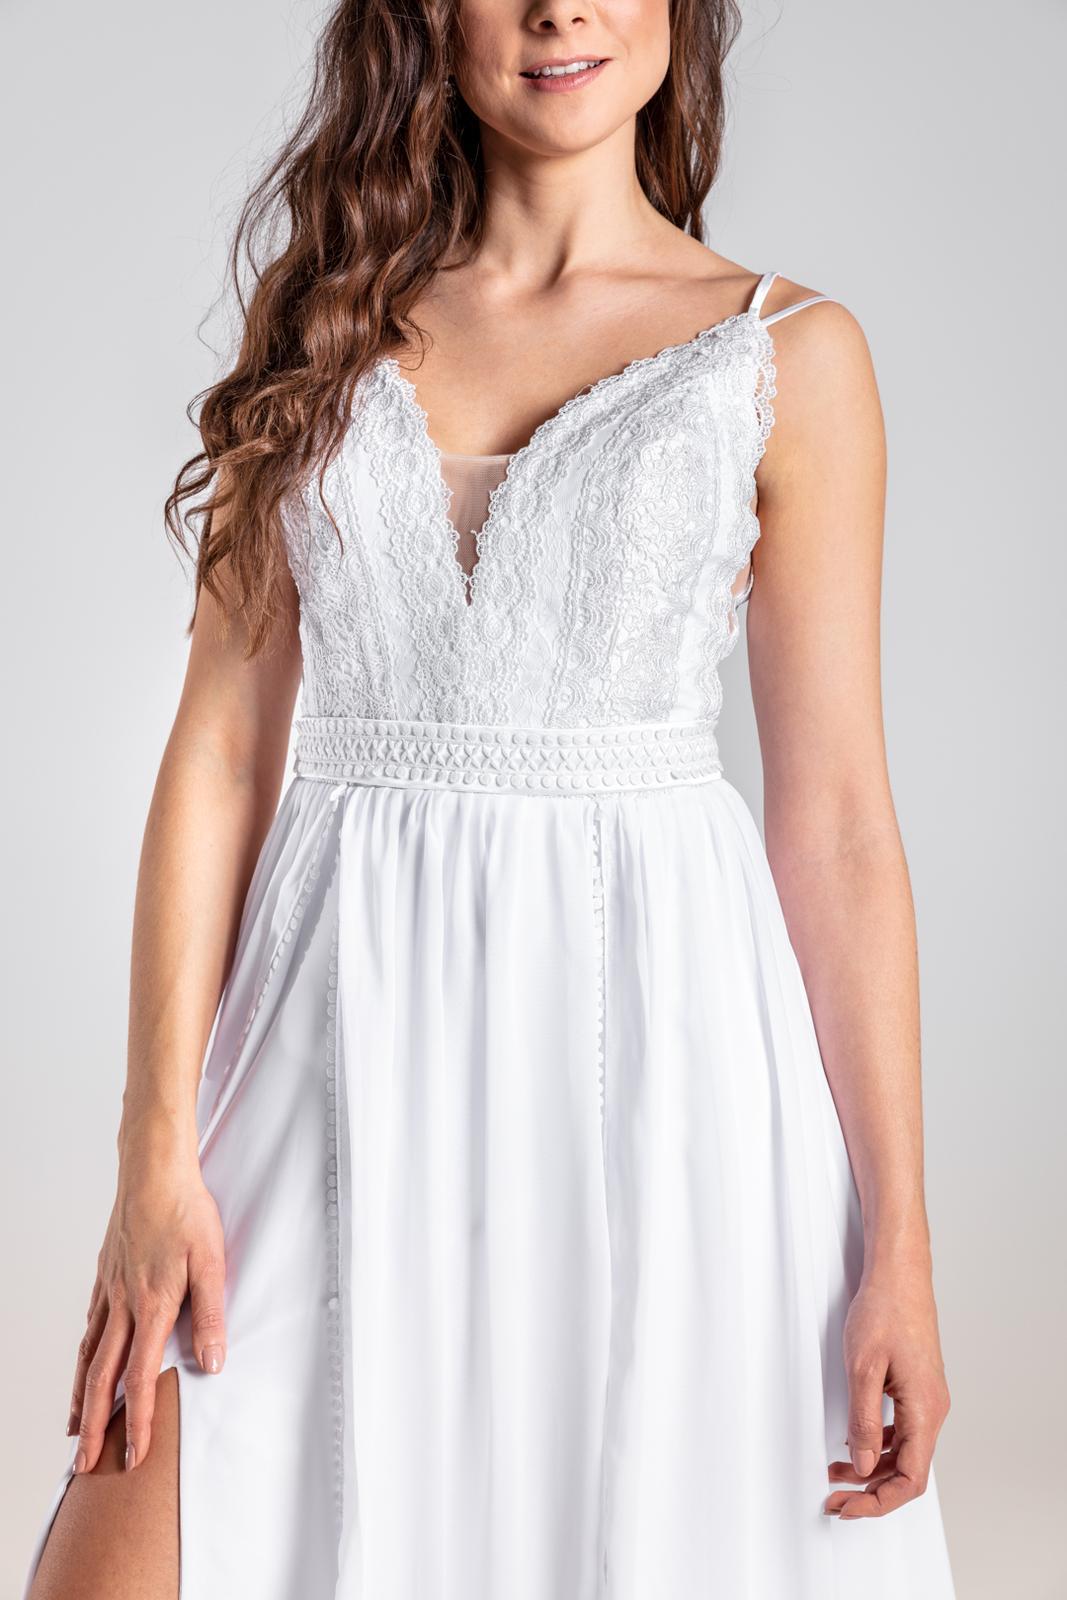 Úžasné svatební šaty s krajkou a rozparkem, 36, 40 - Obrázek č. 2